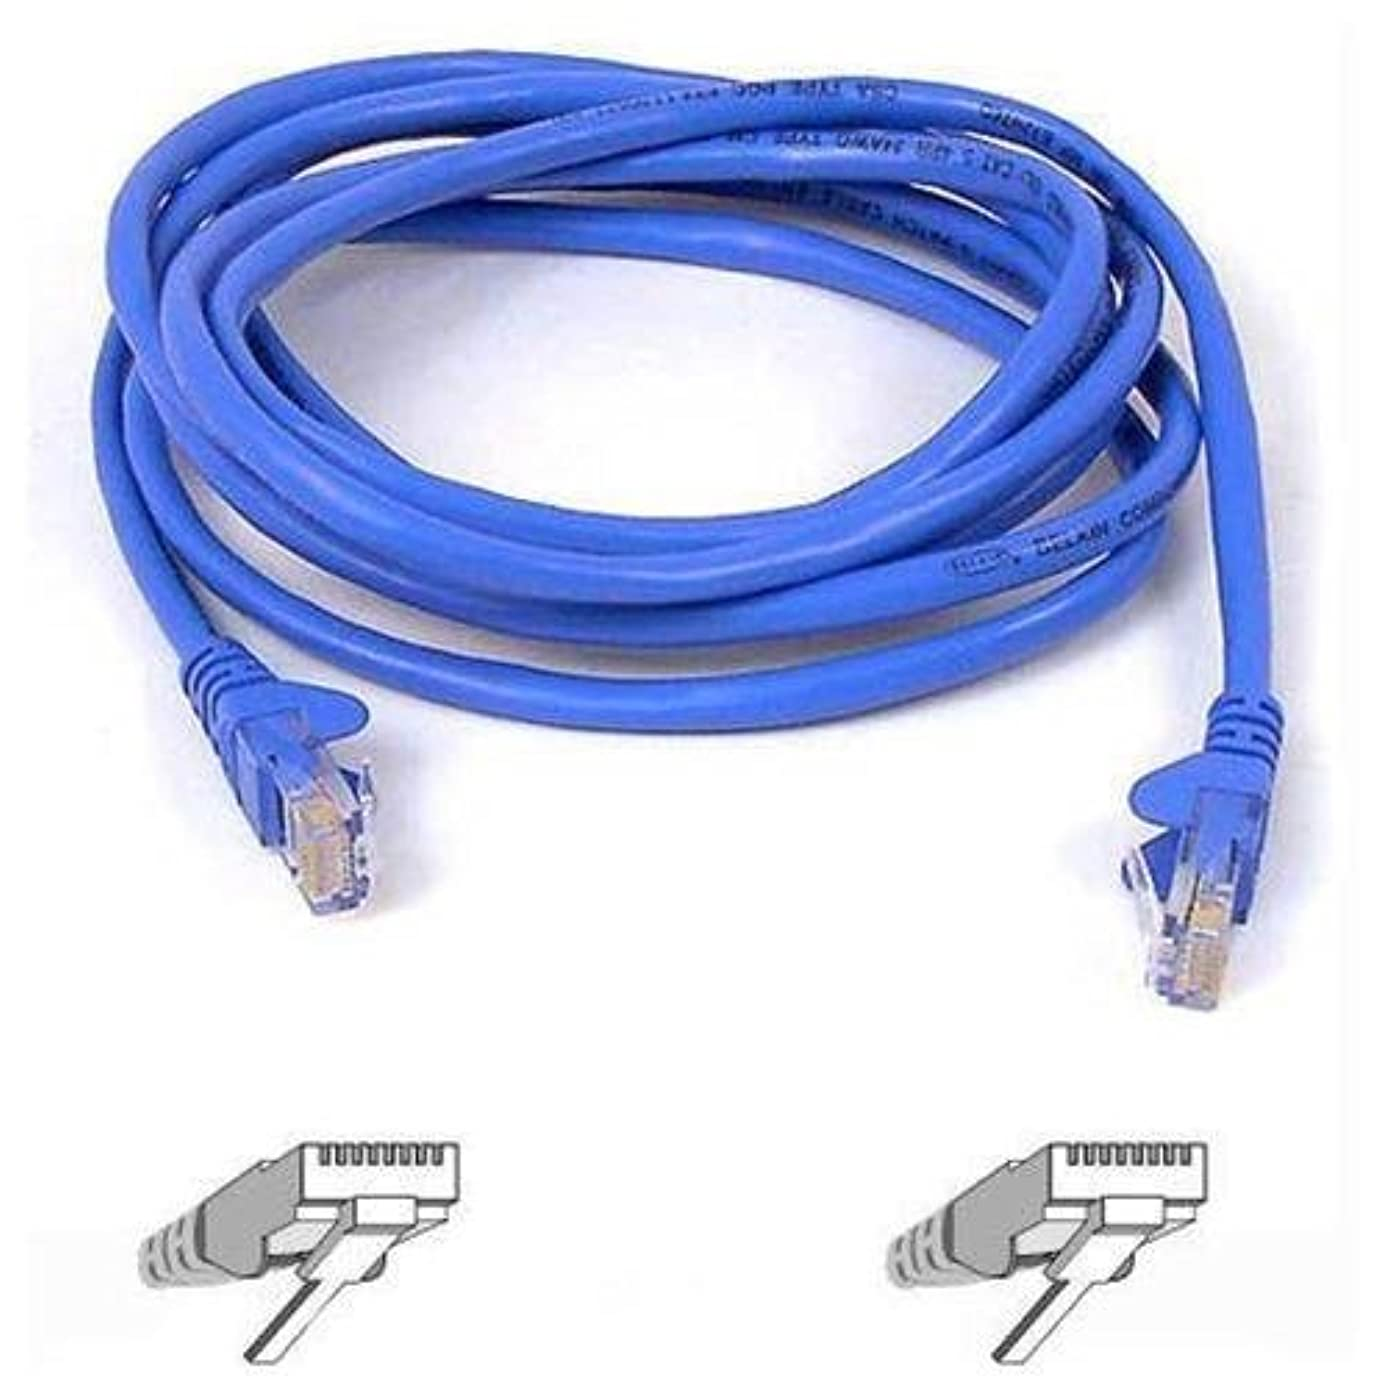 Belkin SNAGLESS CAT6 Patch Cable RJ45M/RJ45M; 100 Blue (A3L980-100-BLUS)